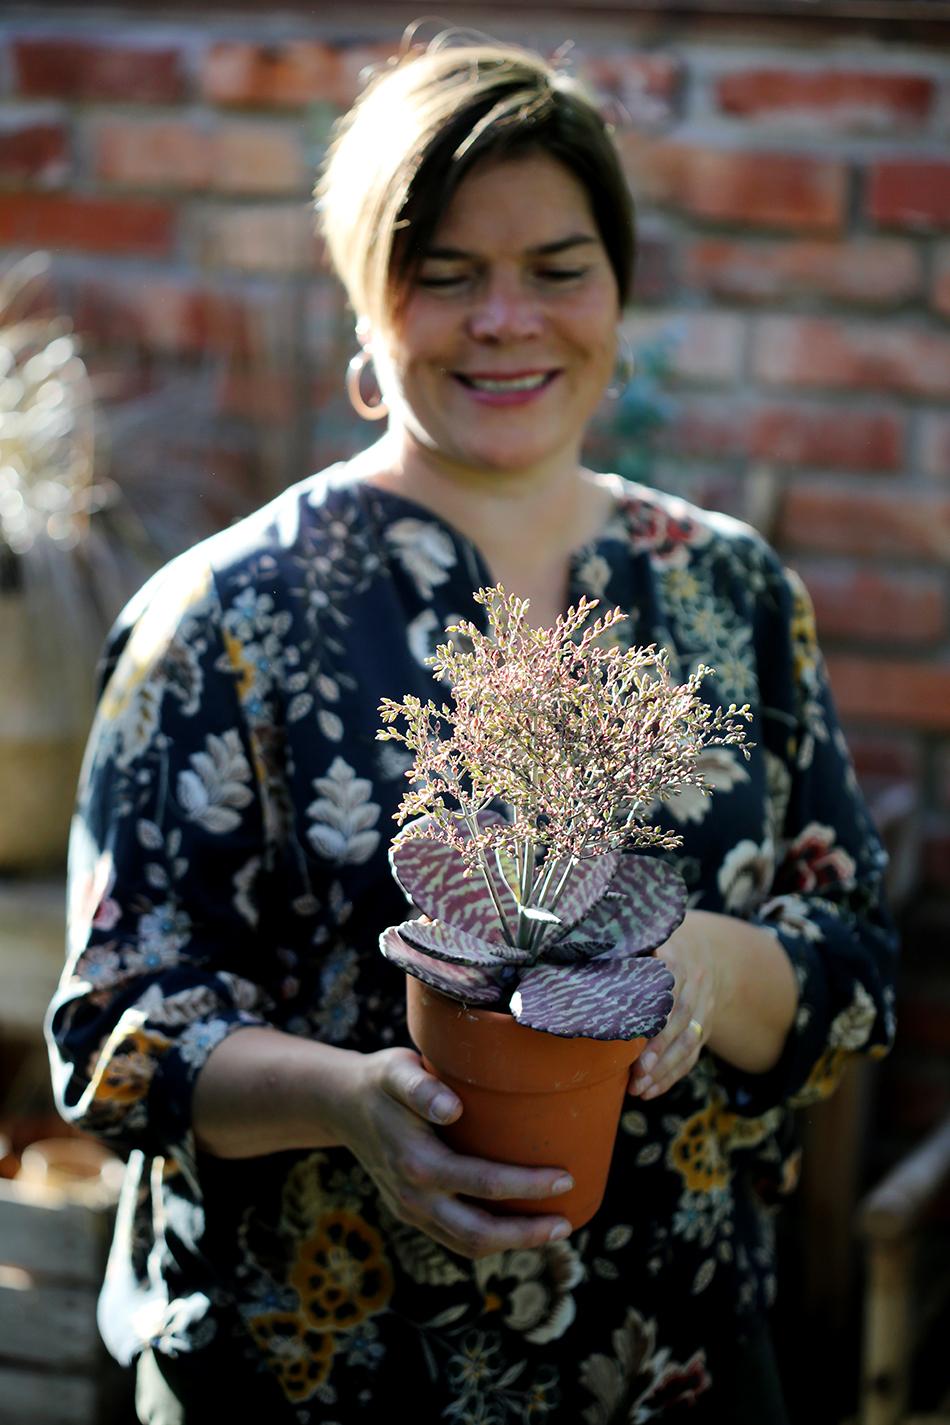 Trädgårdsjournalisten Johanna Vireaho med en kruka i händerna